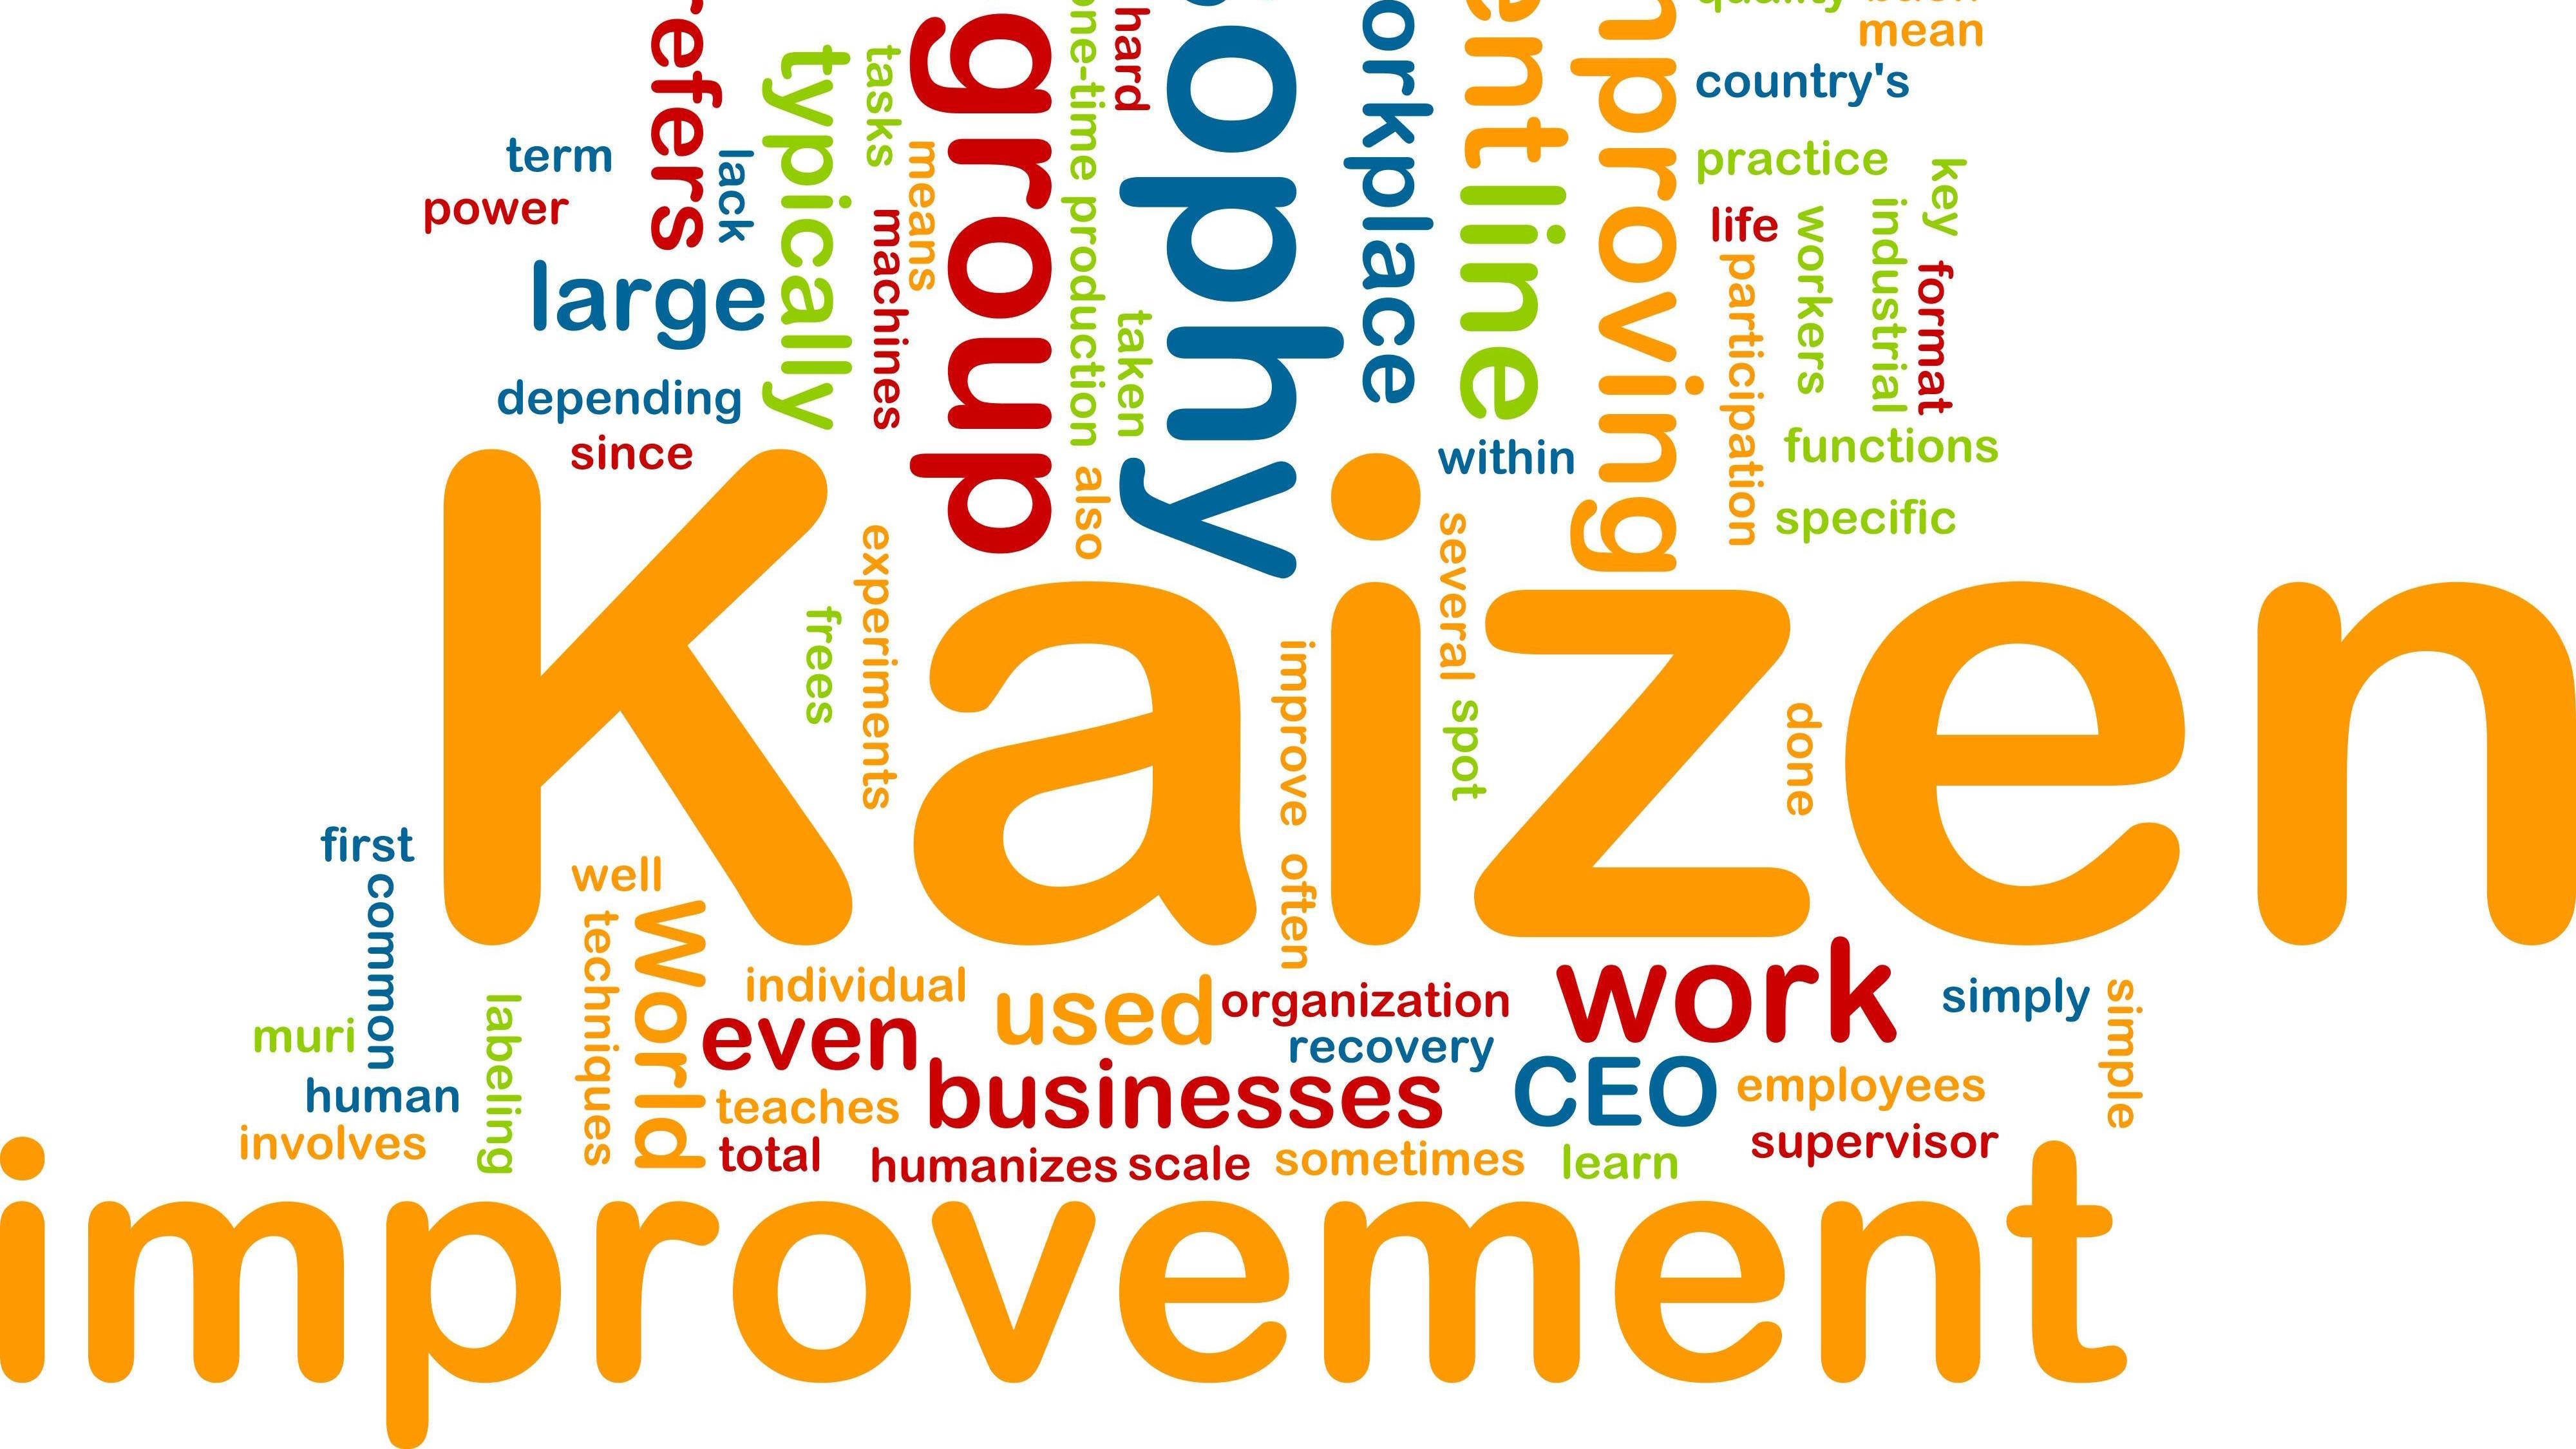 Die Kaizen Methode ist eine Managementphilosophie, die aus Japan stammt und die Arbeit verbessern soll.